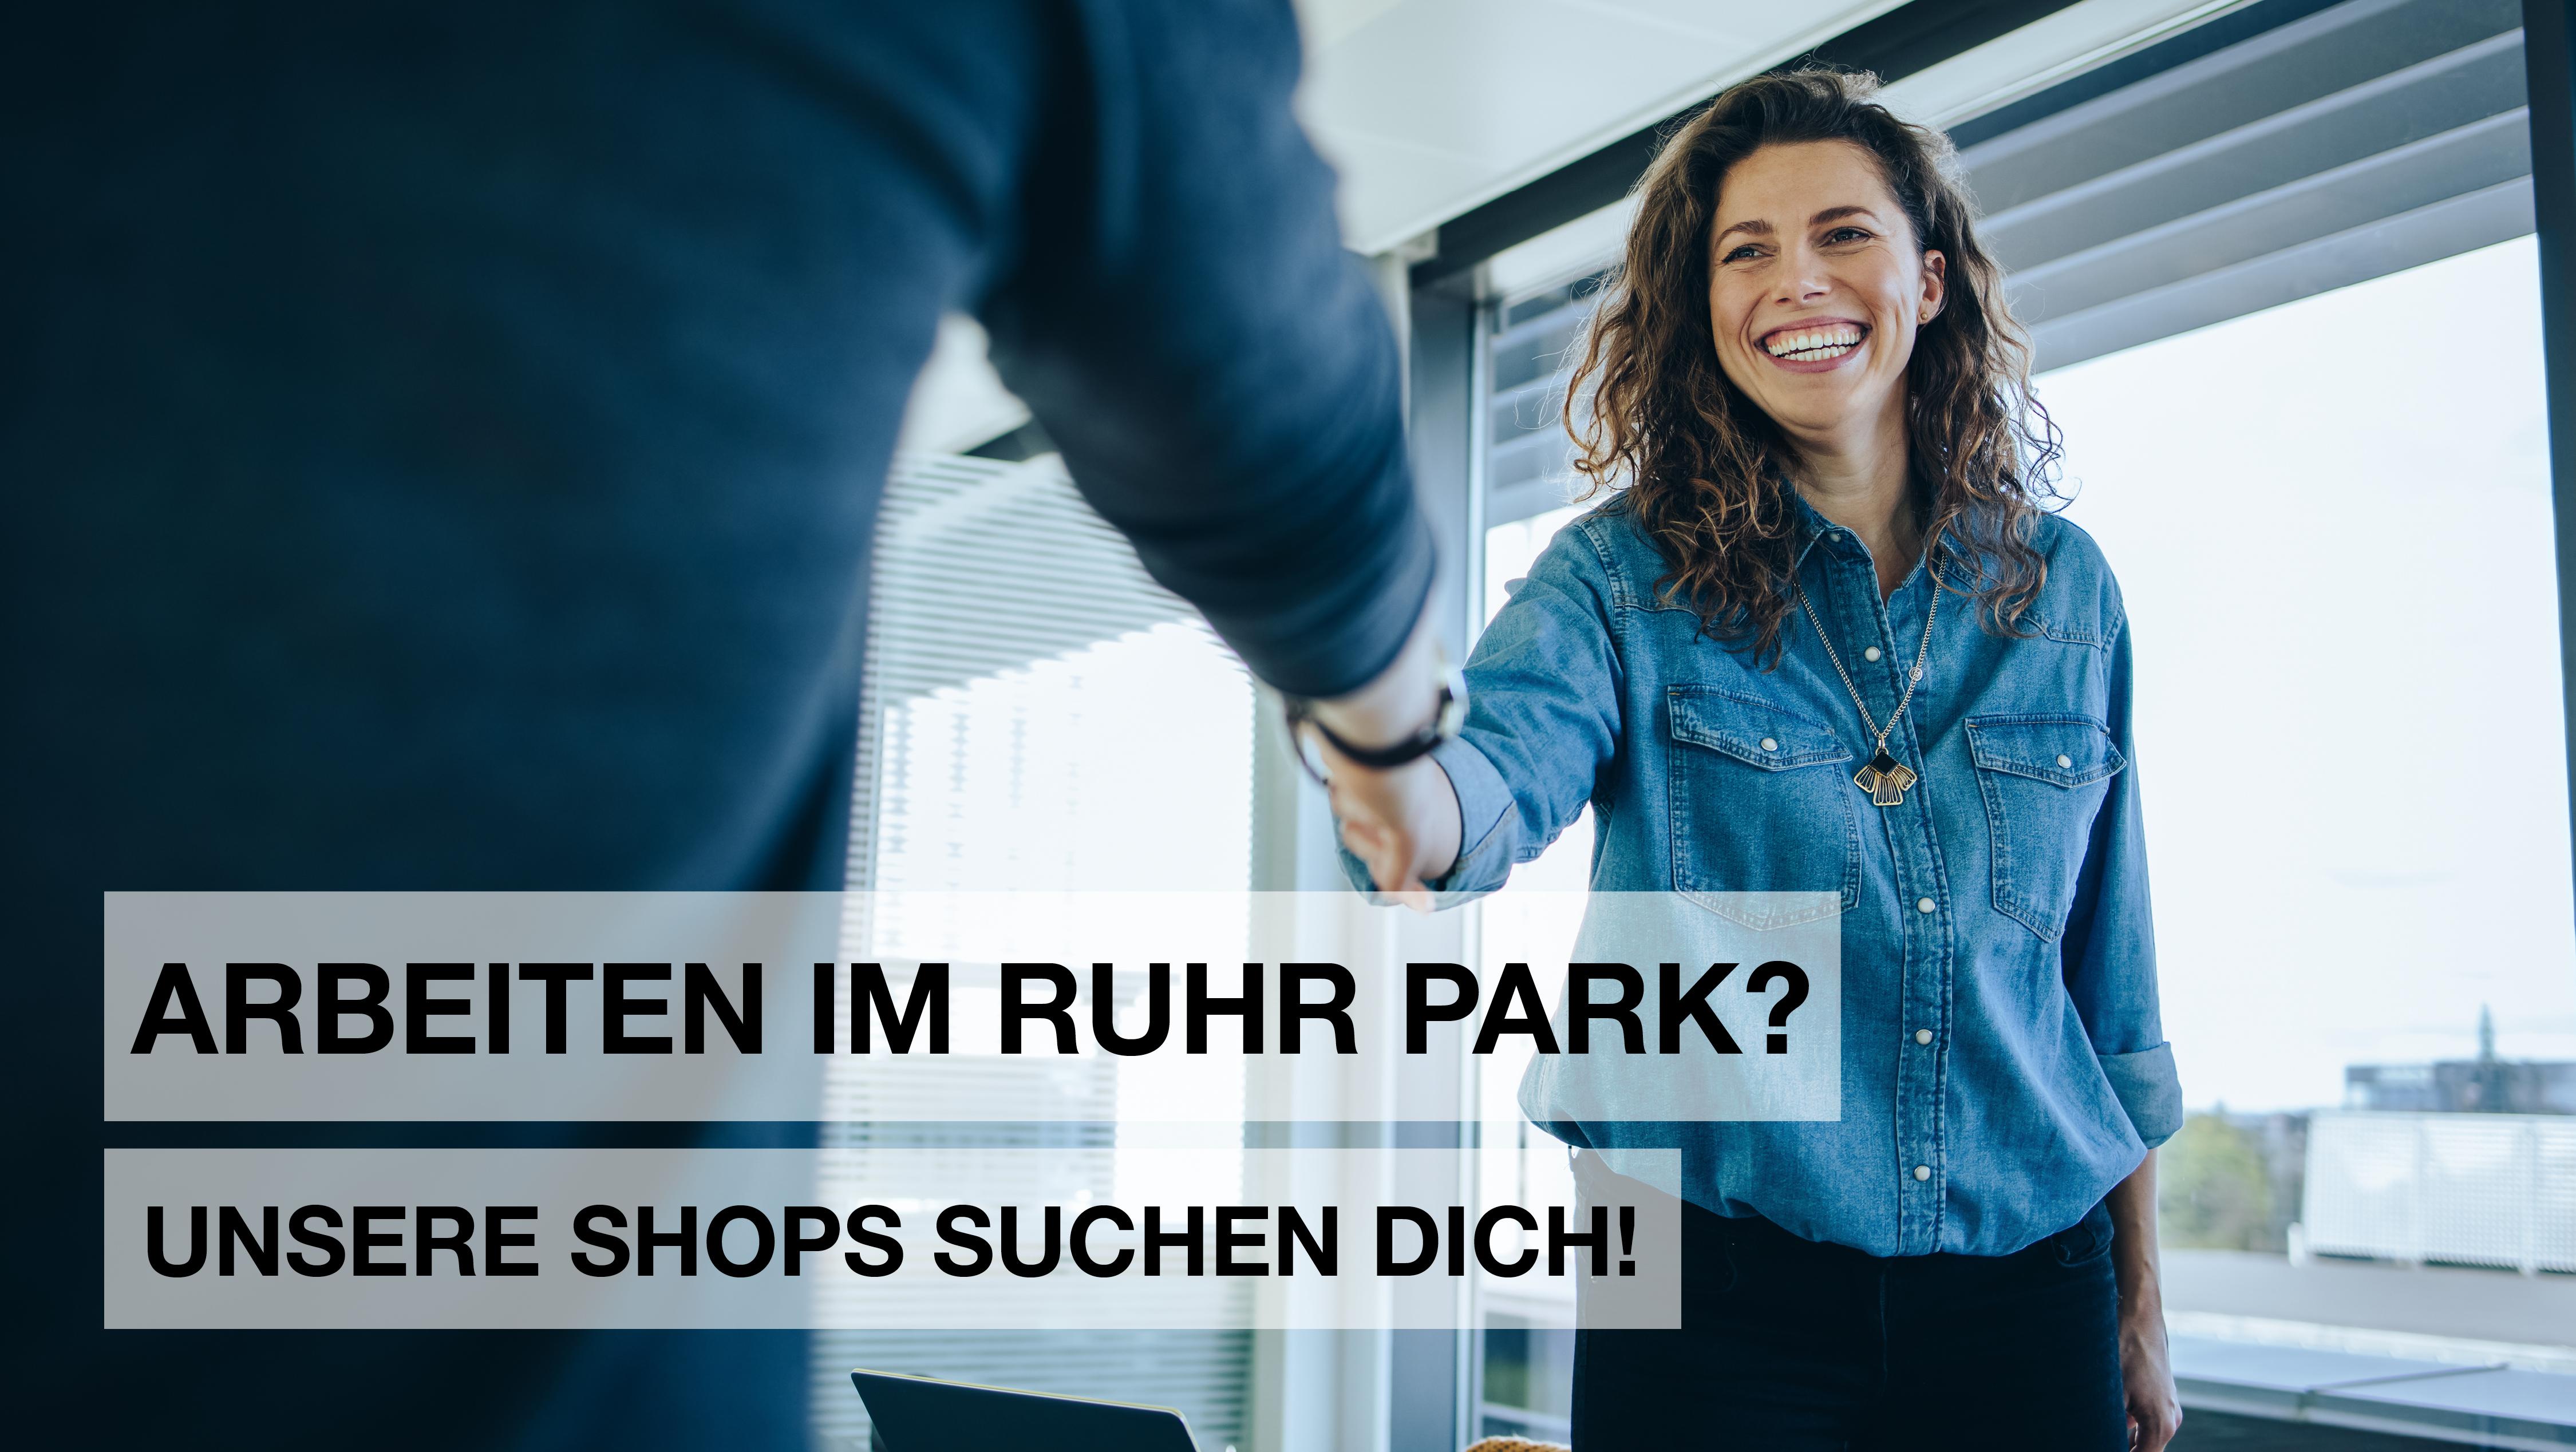 Der Ruhr Park sucht DICH!